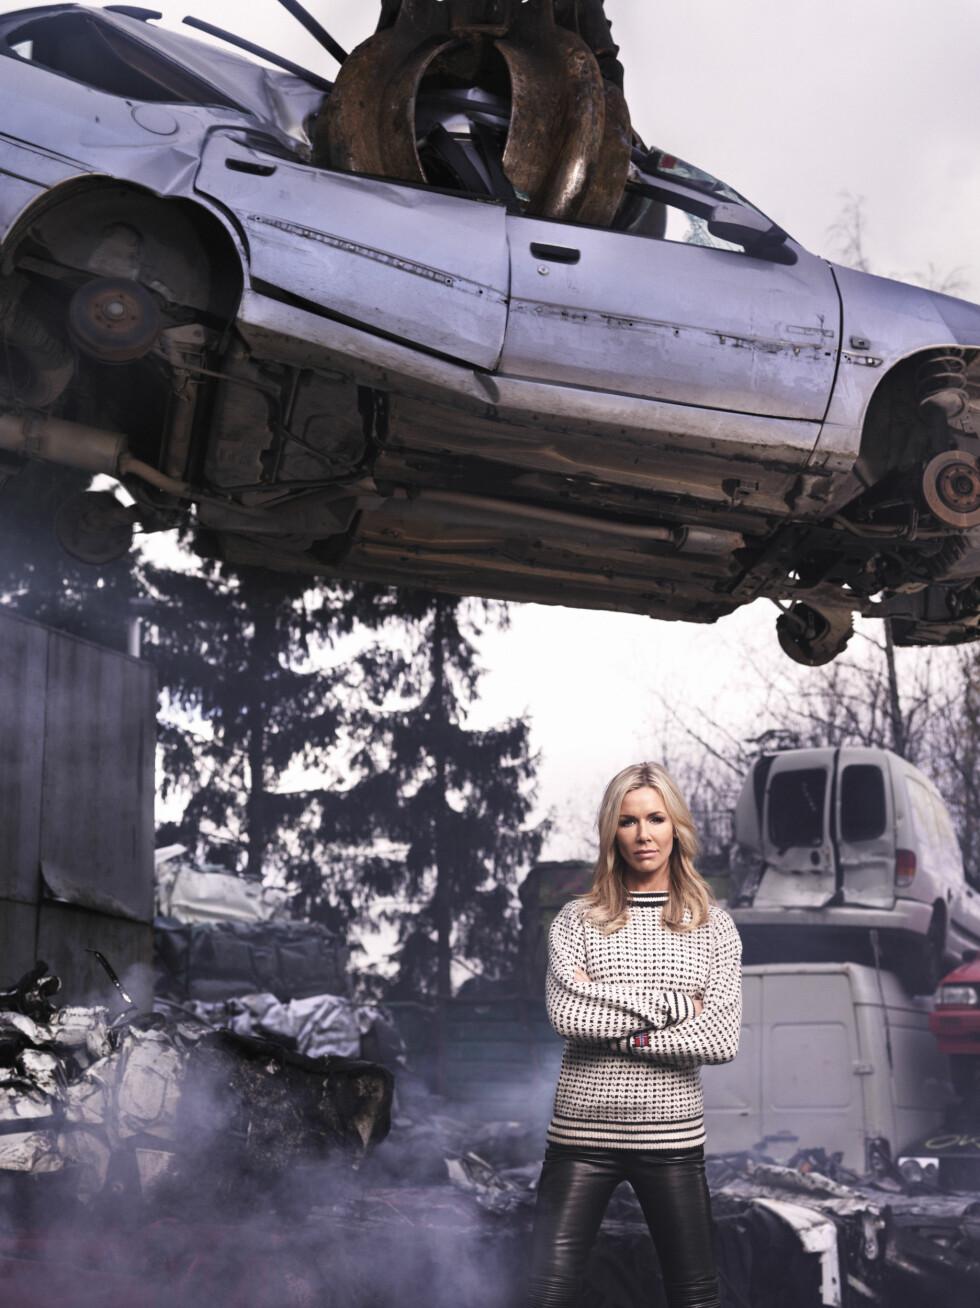 ÅRETS FIGHTER: Gunhild Stordalen er av kk kåret til årets fighter for sin klare oppfordring til å ta grønne valg og for å ha vært med på å skape større oppmerksomhet rundt miljøspørsmål. Foto: Morten Quale